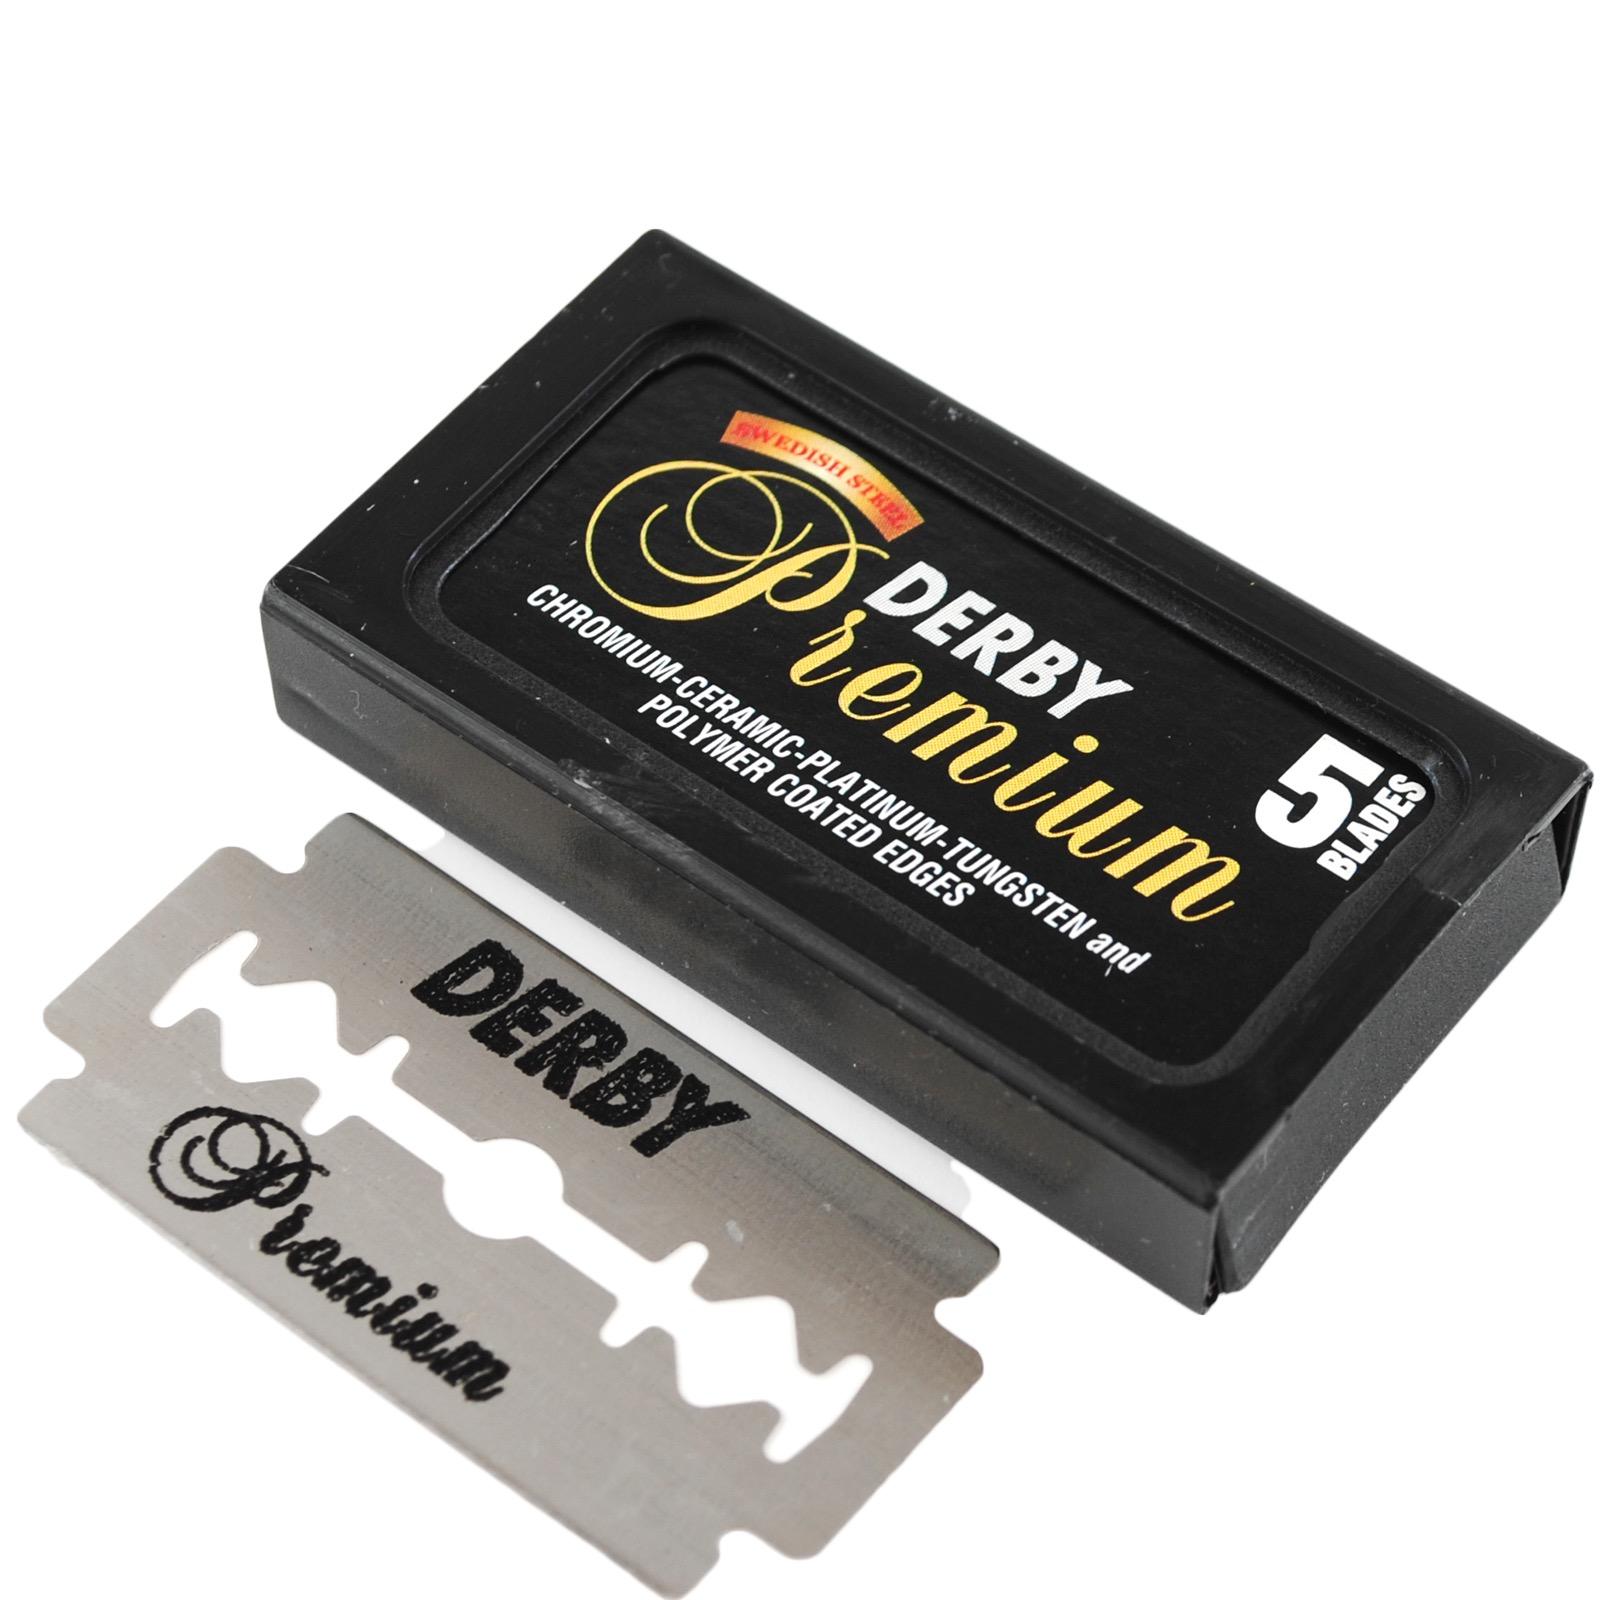 Double Edge Blades Premium